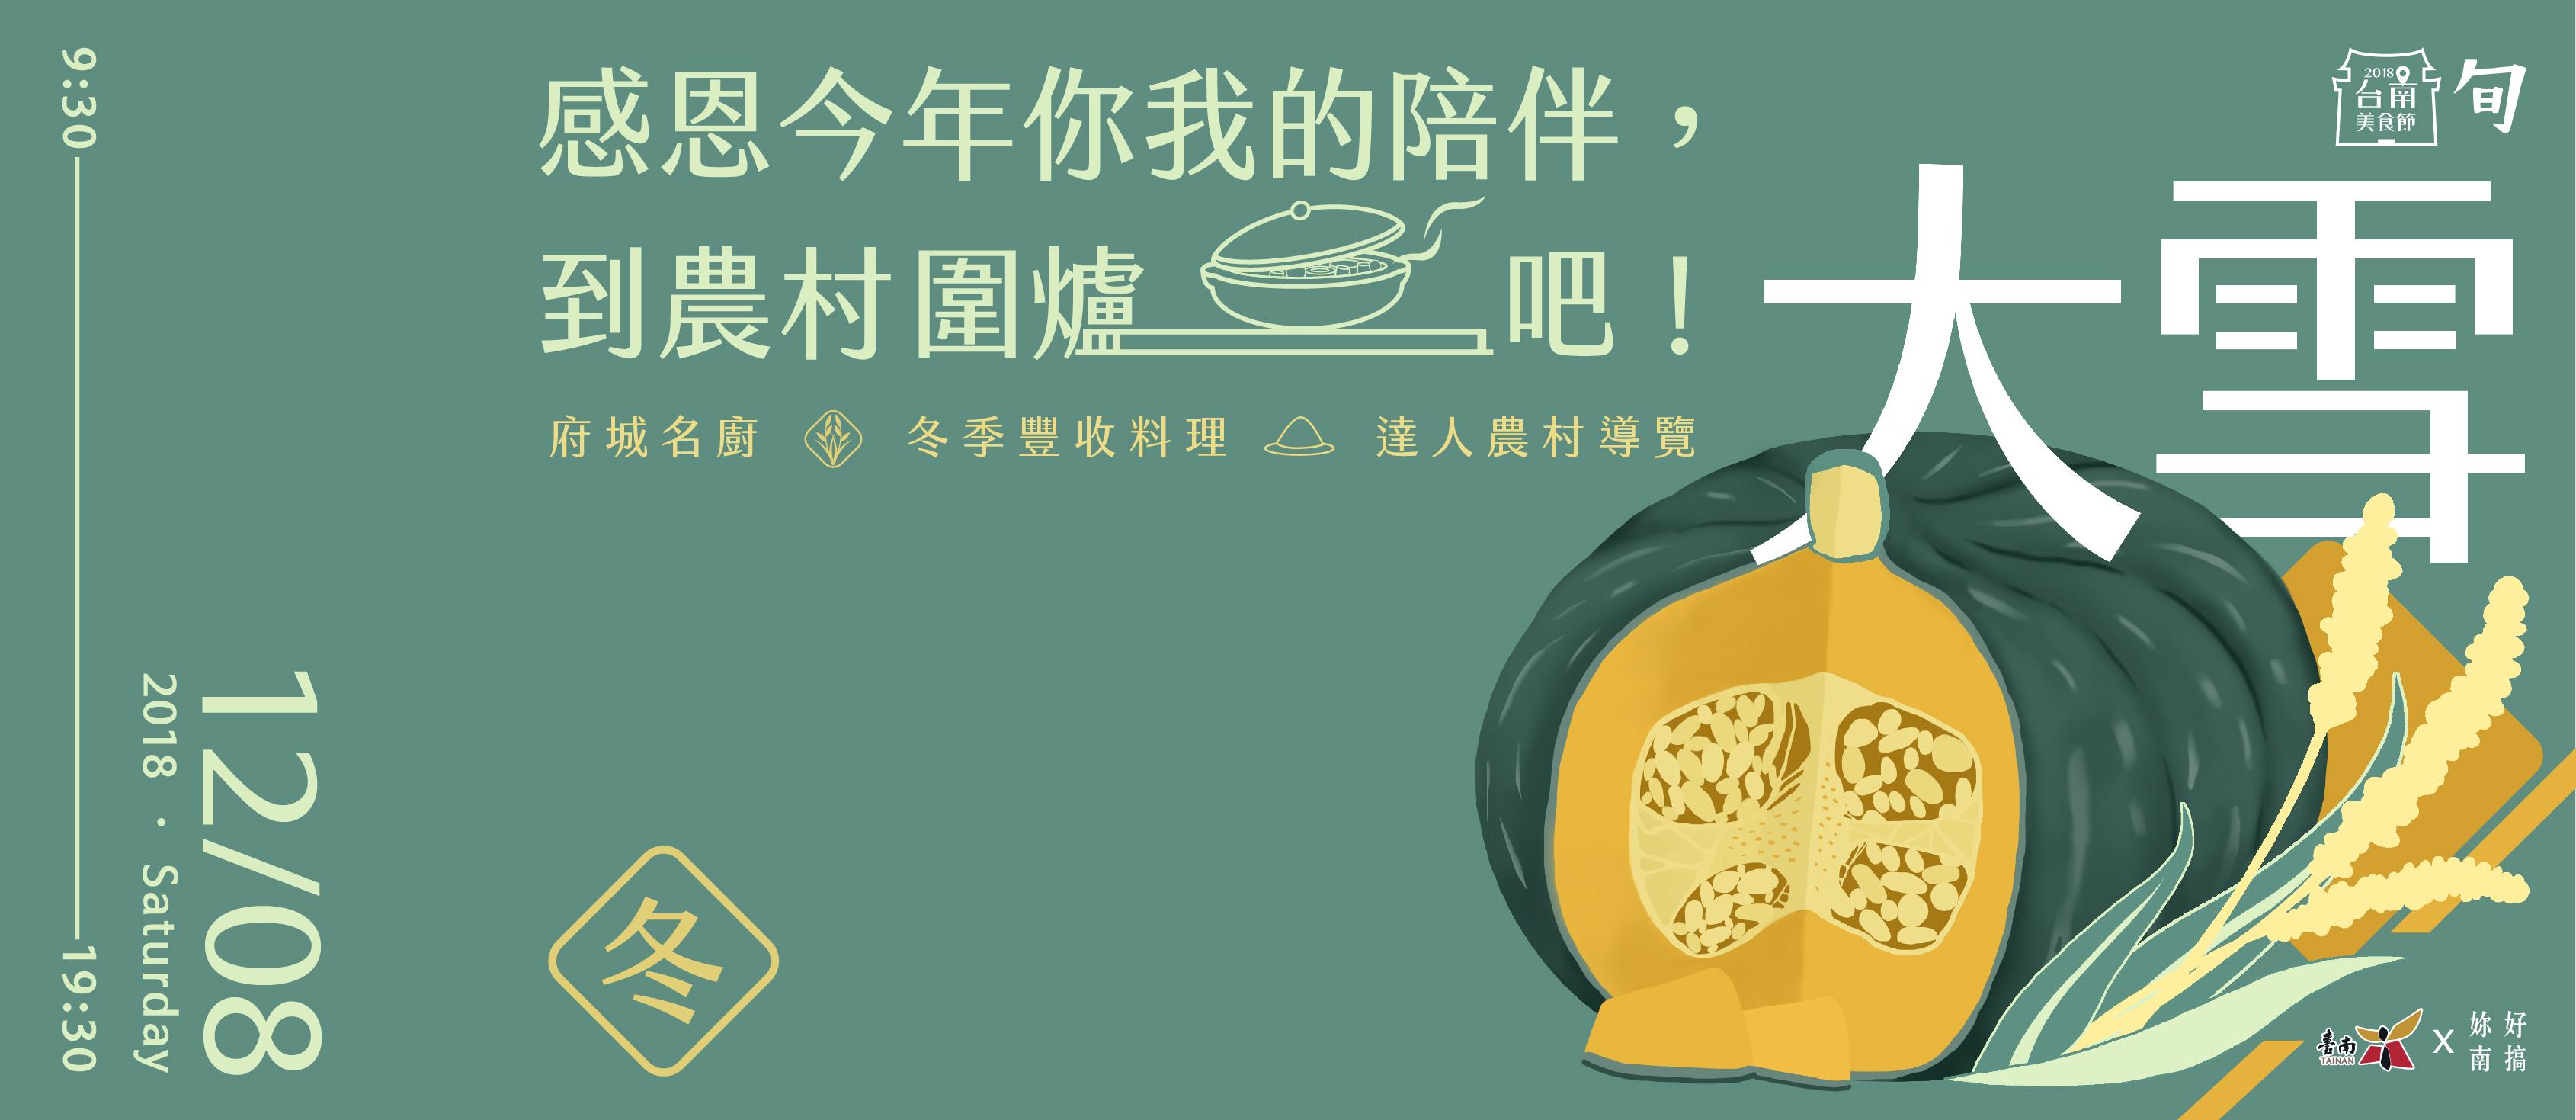 2018台南美食節冬季